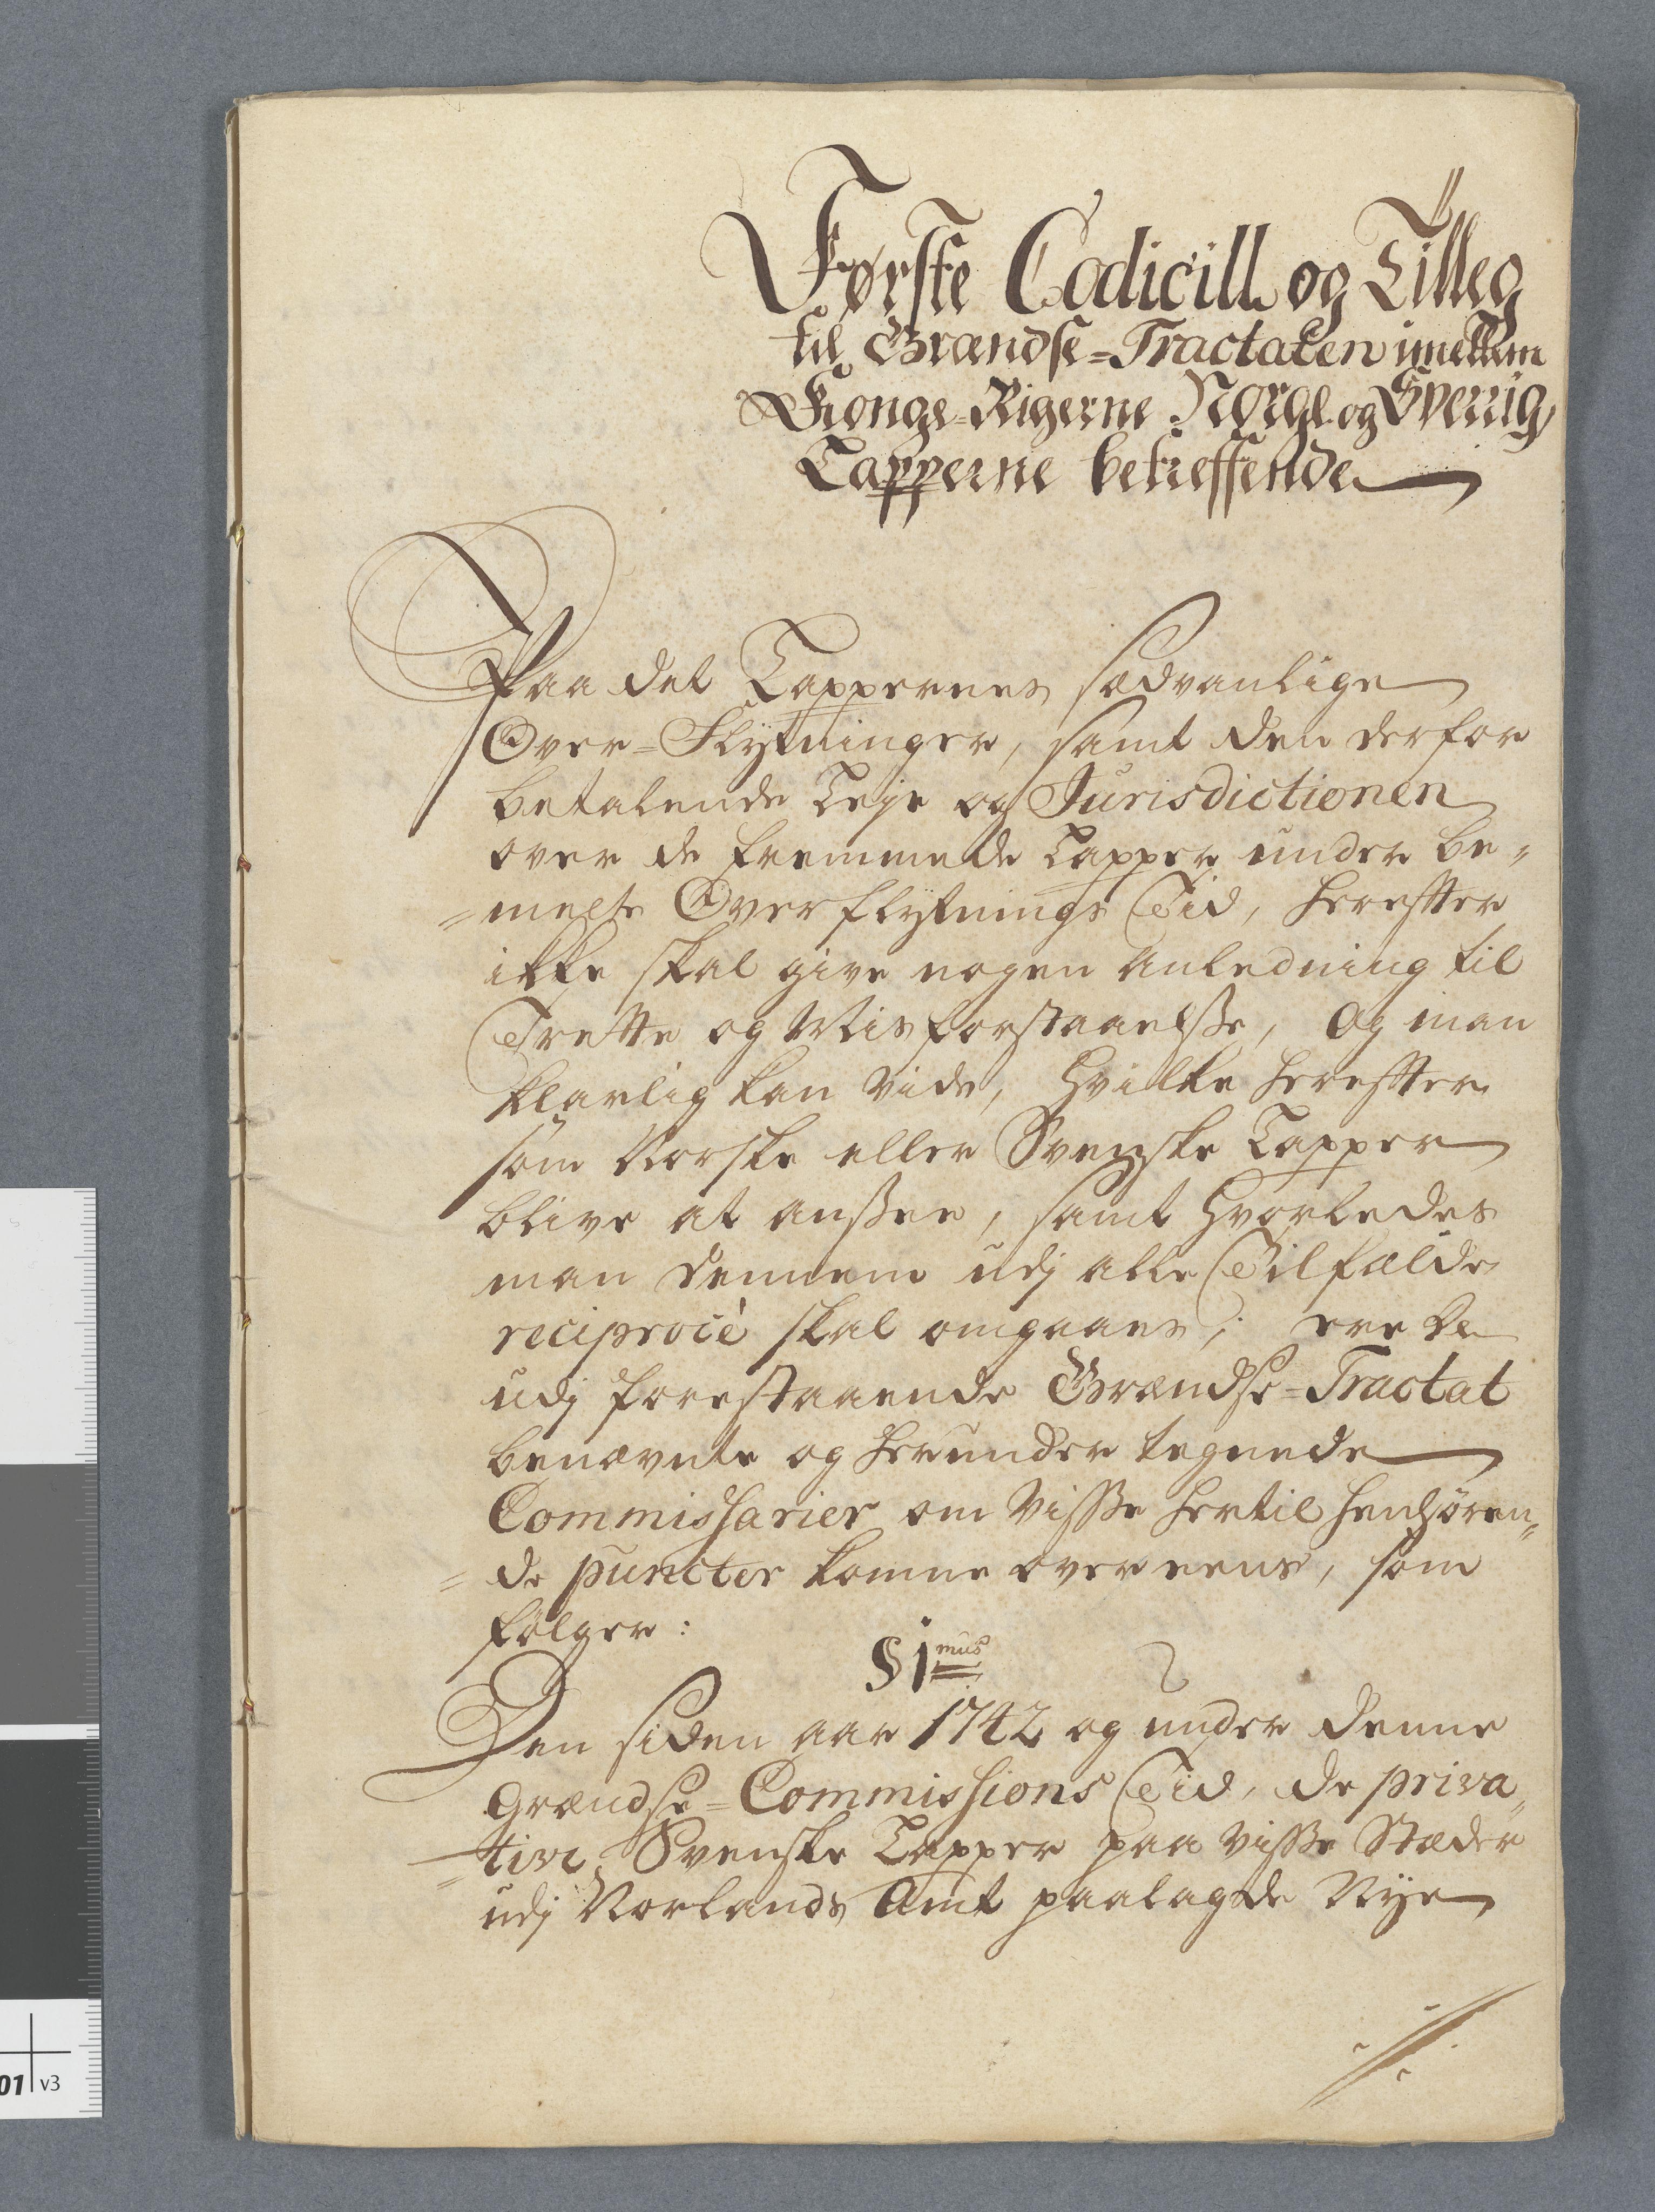 RA, Utenriksarkivet, J/L0001: Traktat om grensen mellom Norge og Sverige, 1751, s. 34